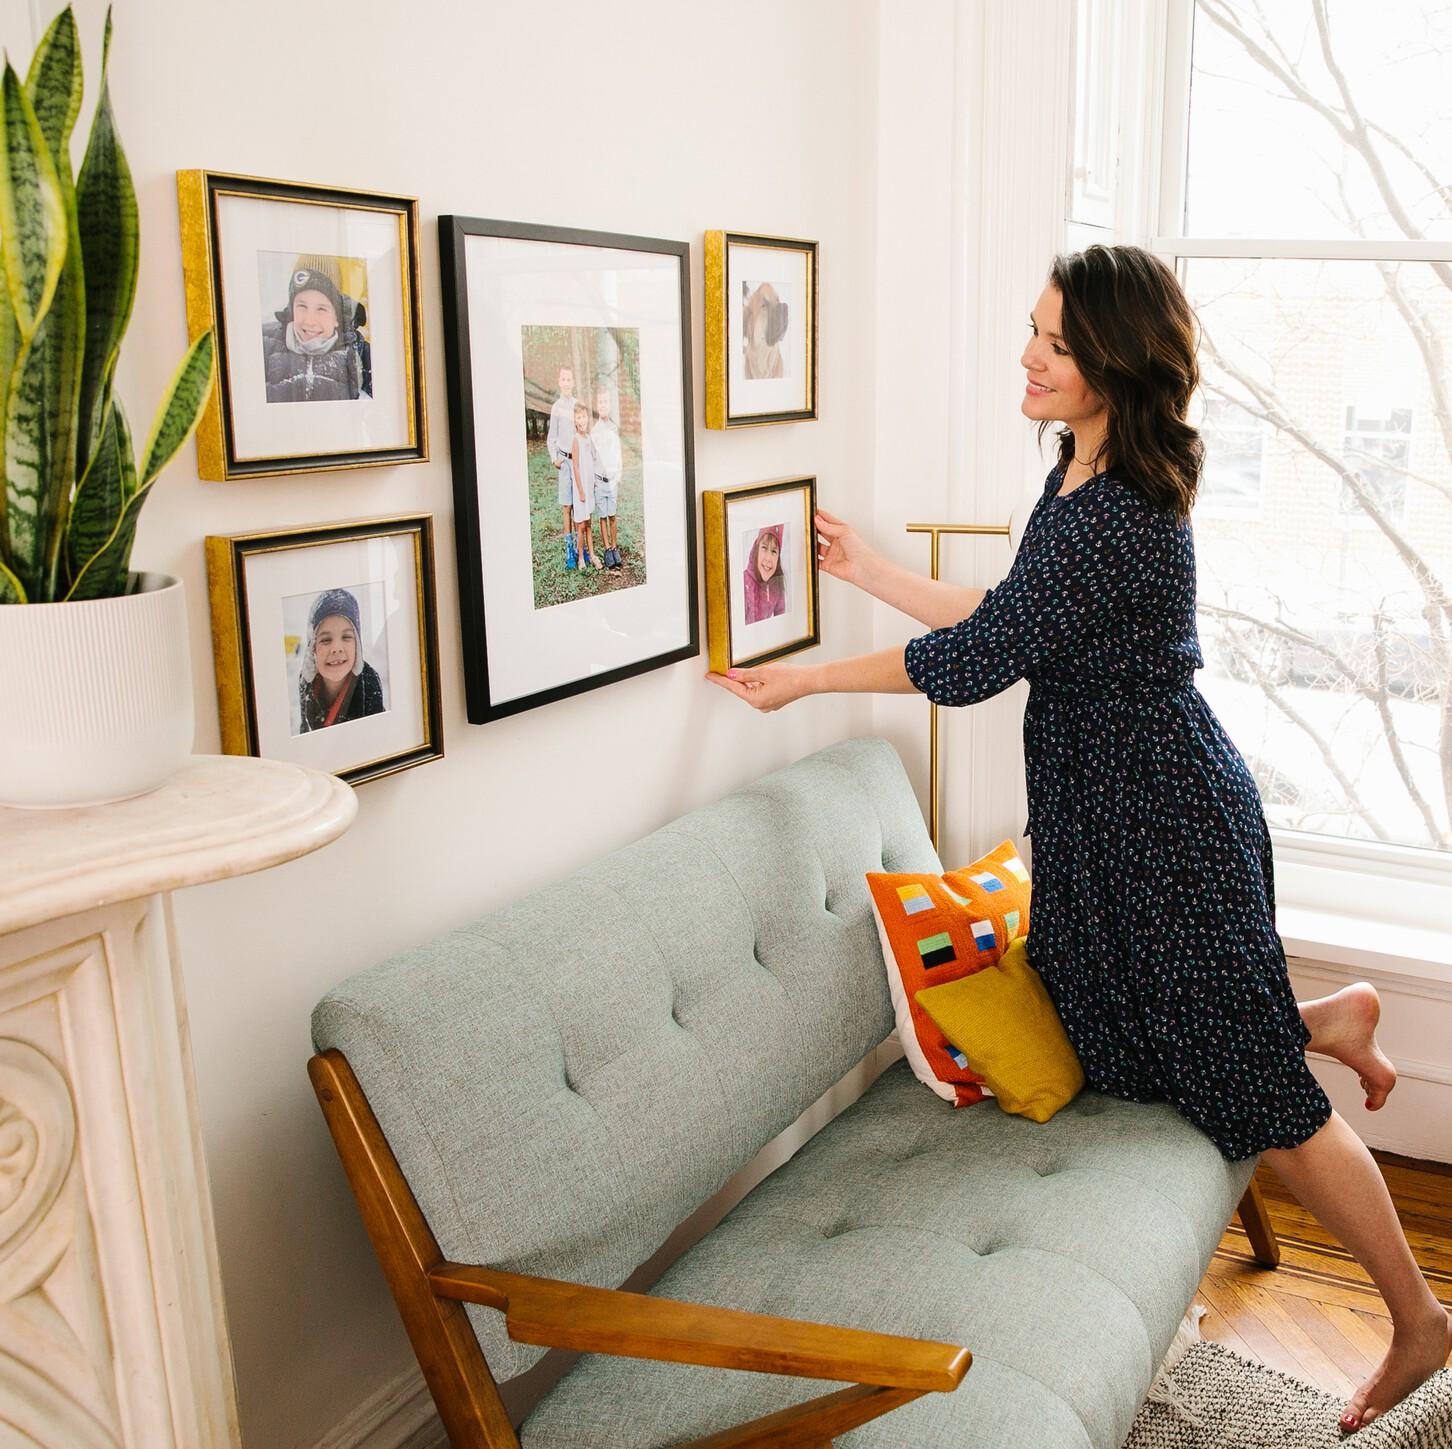 Mother Hanging Frames